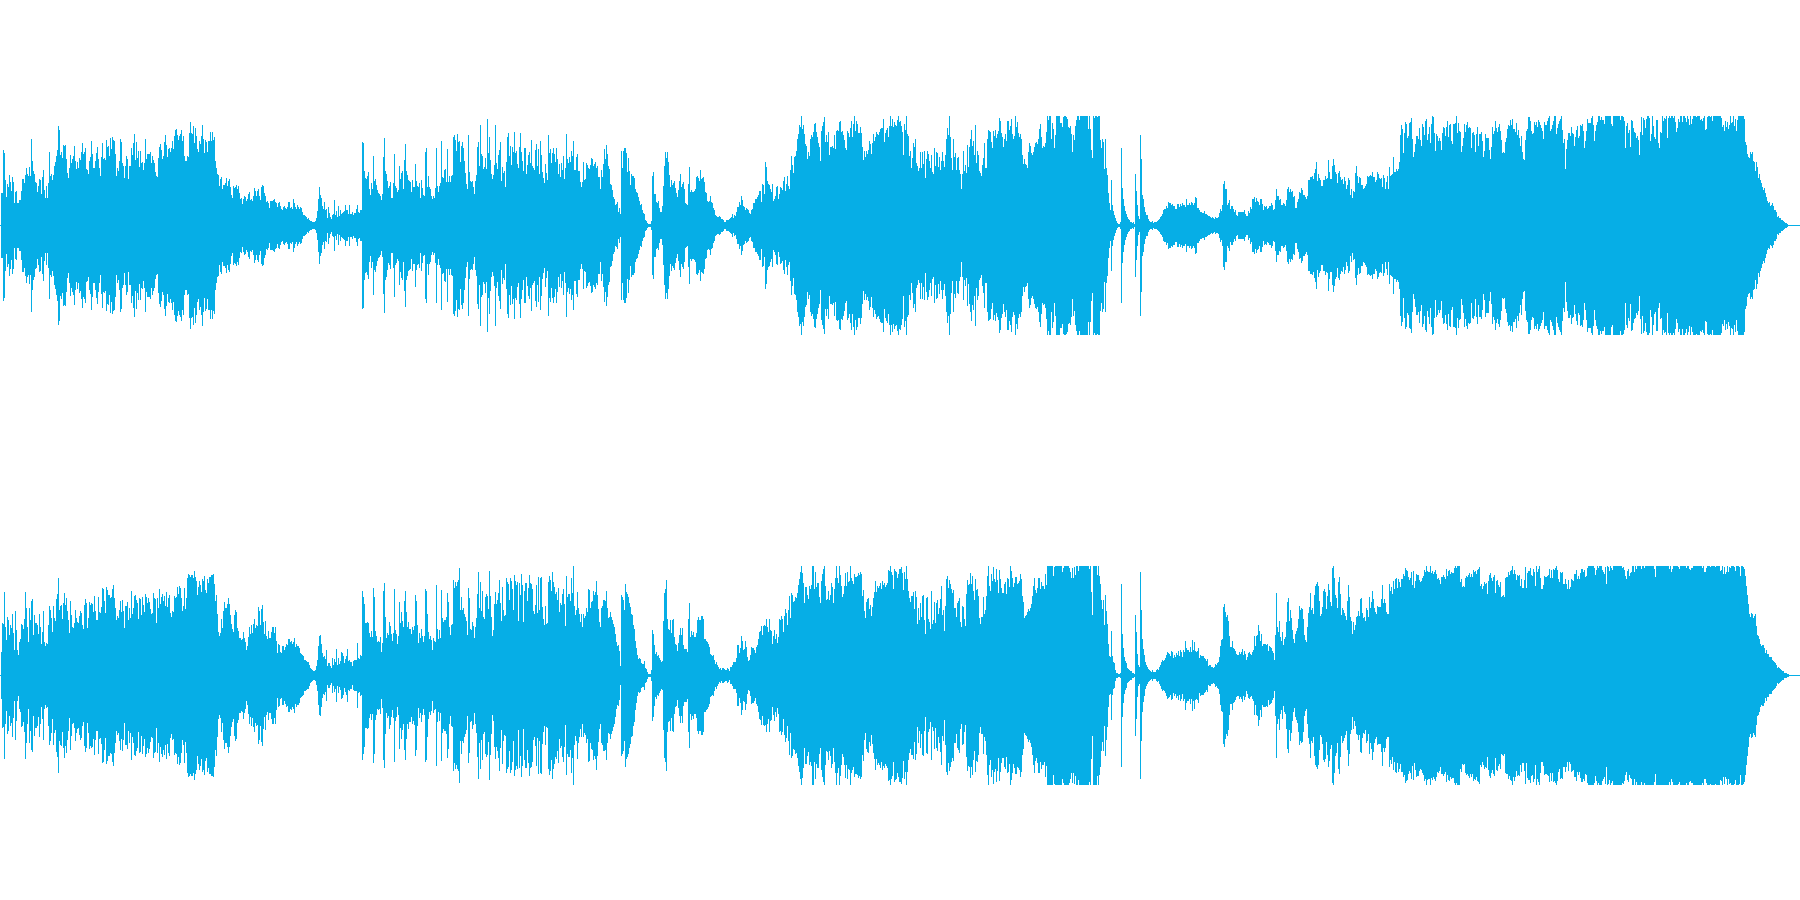 大河ドラマのような和風オーケスストラ楽曲の再生済みの波形